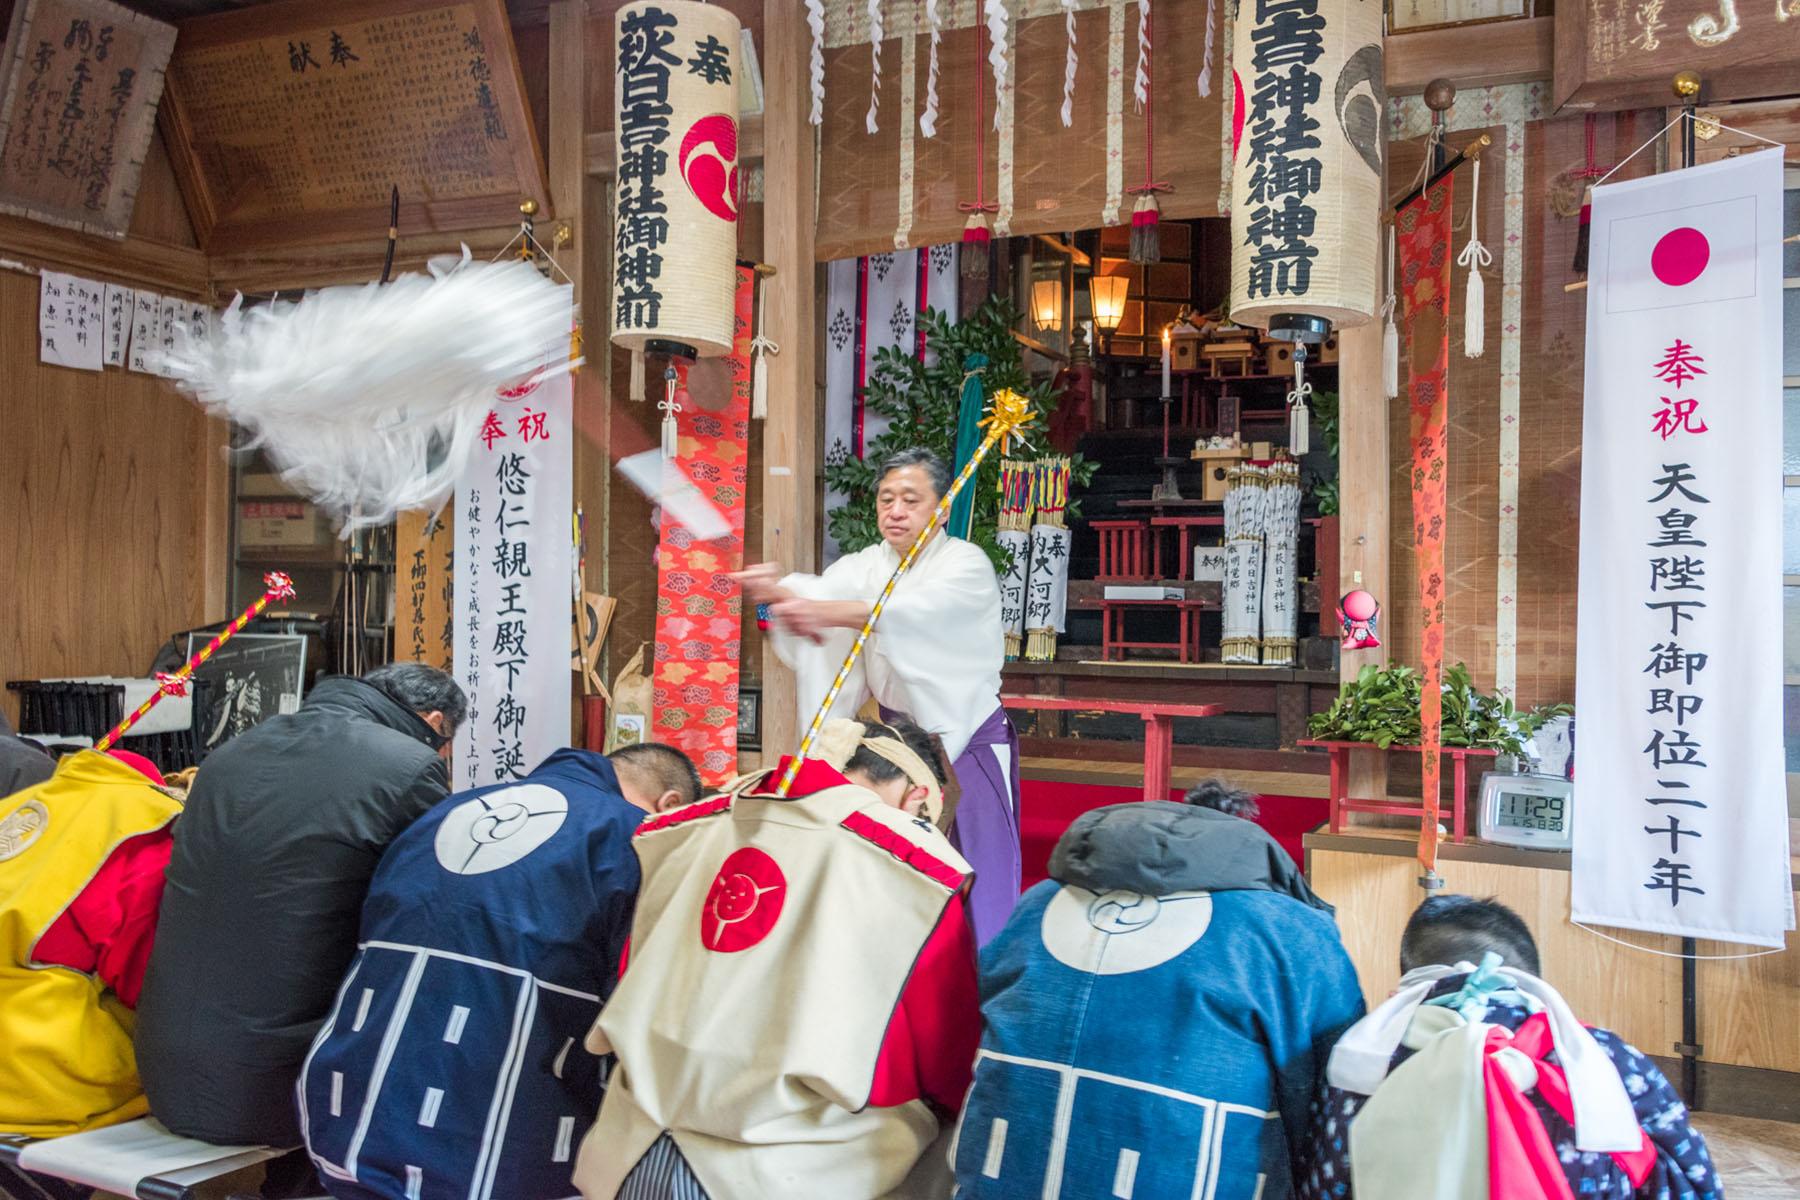 流鏑馬(やぶさめ)祭り 萩日吉神社